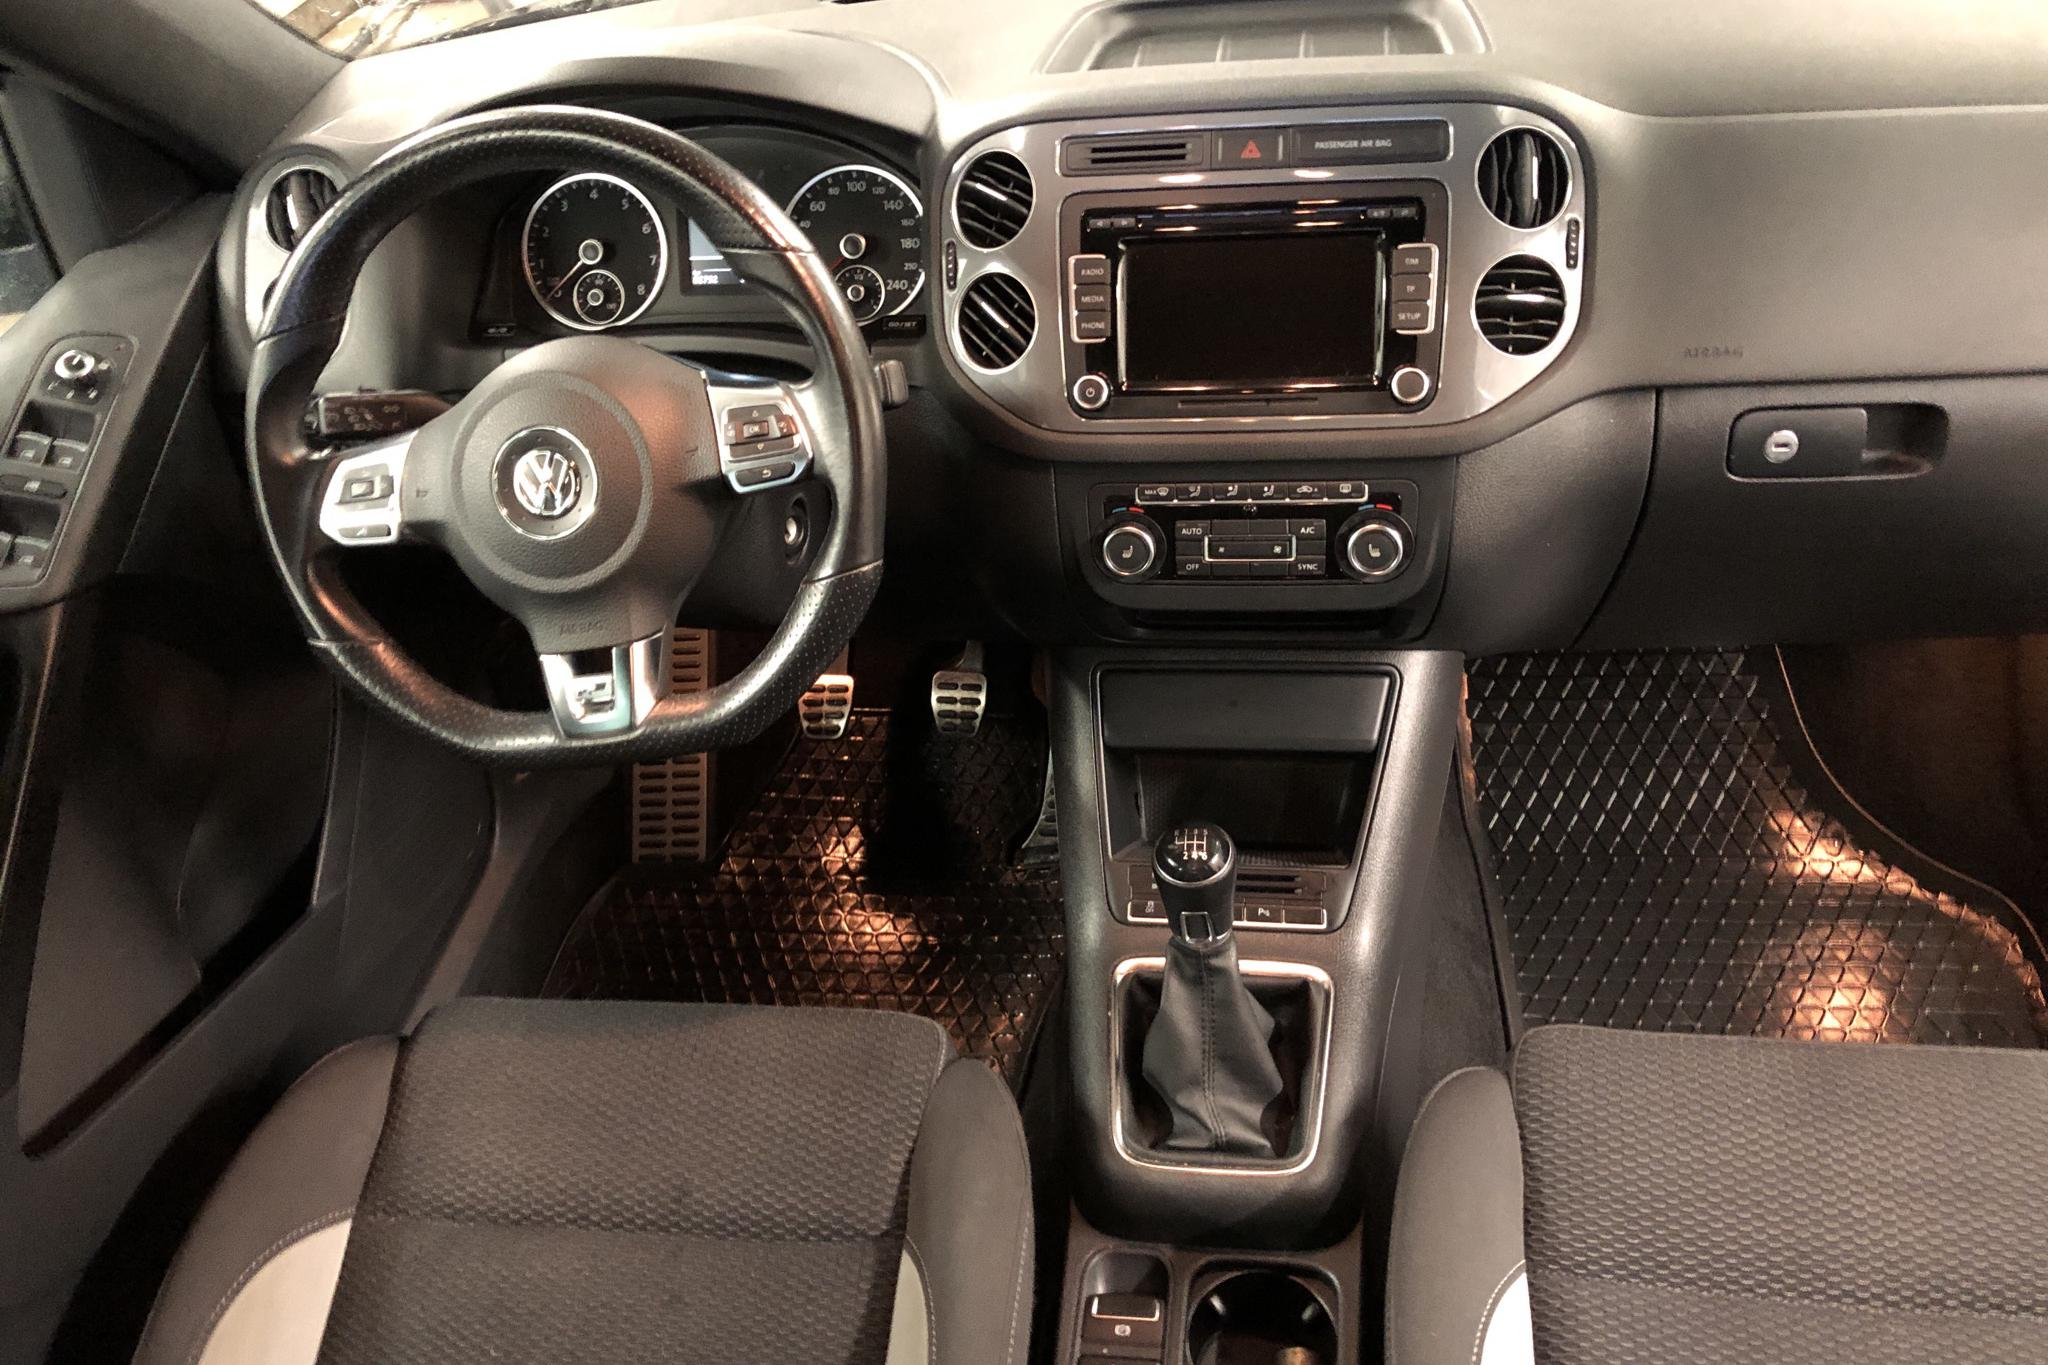 VW Tiguan 1.4 TSI 4MOTION (160hk) - 82 760 km - Manual - black - 2014